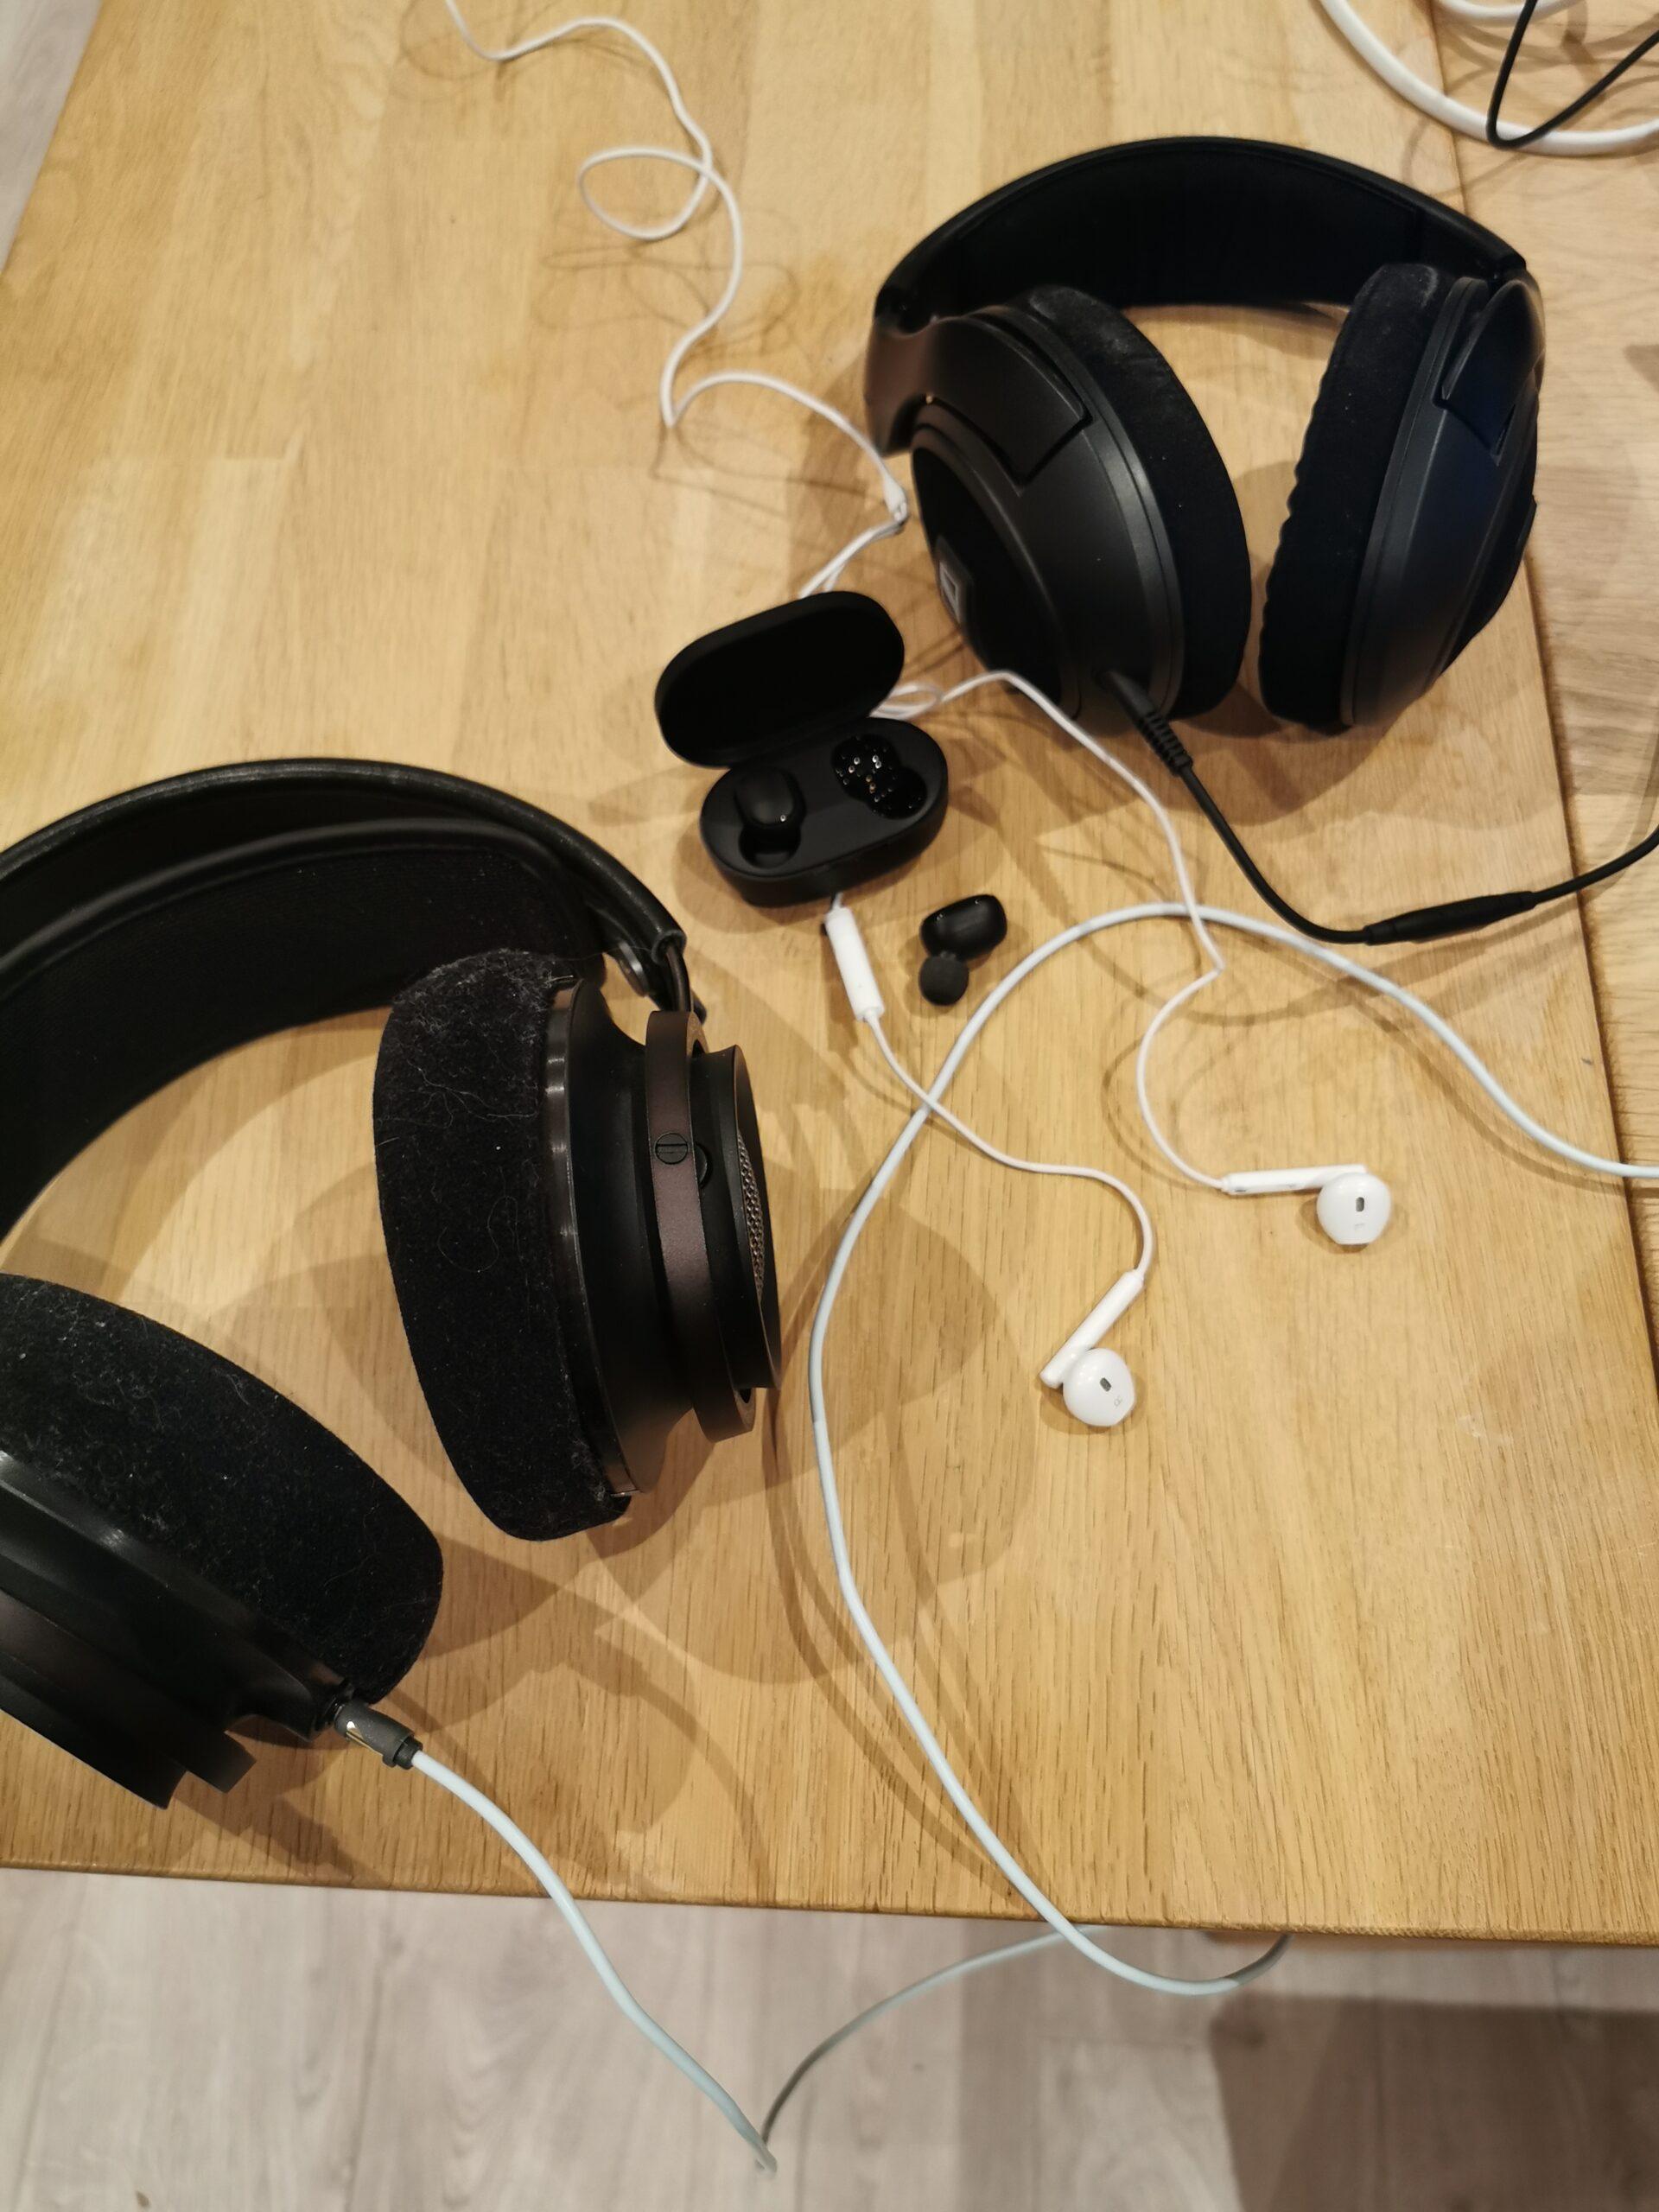 Billede af mange forskellige typer høretelefoner